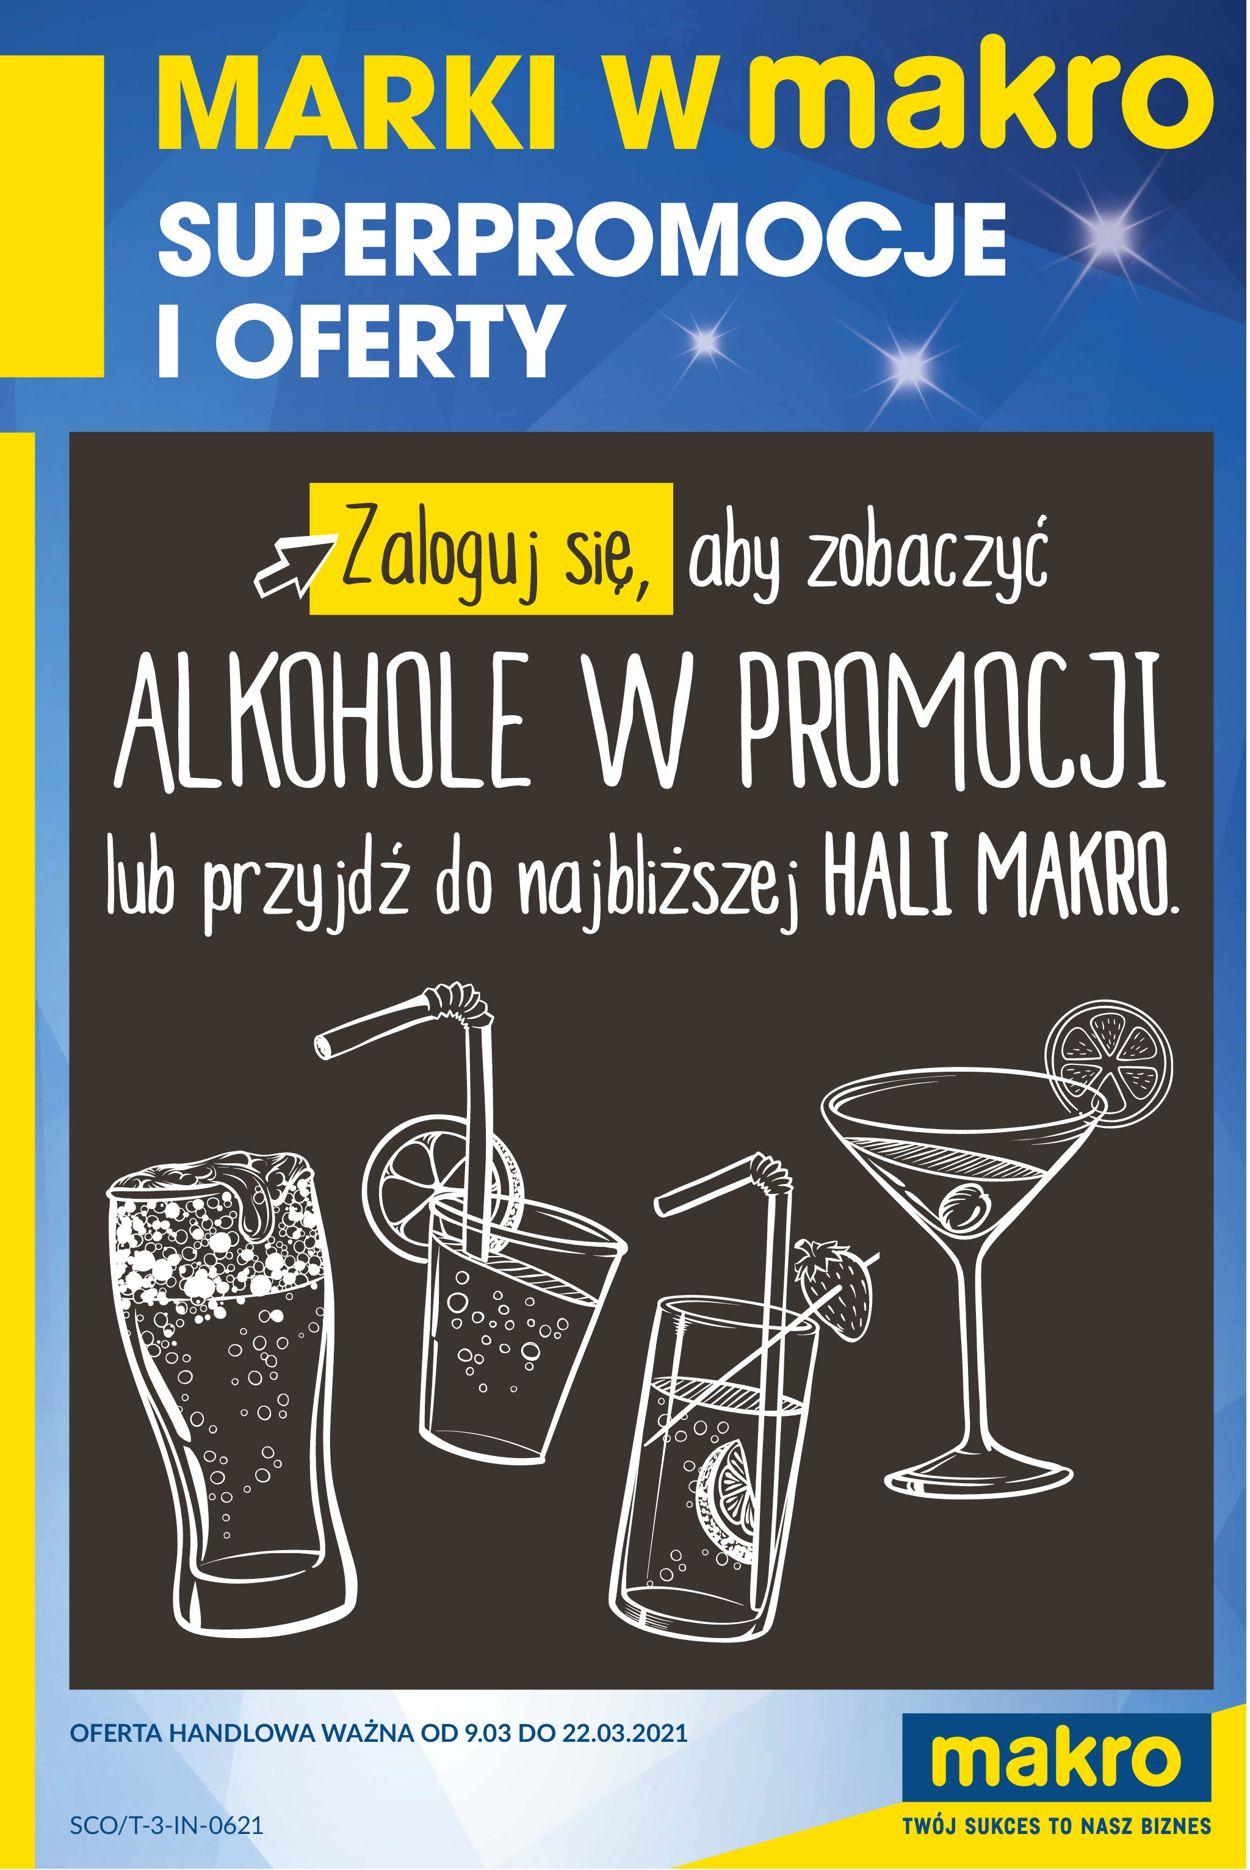 Gazetka promocyjna Makro Marki w MAKRO - 09.03-22.03.2021